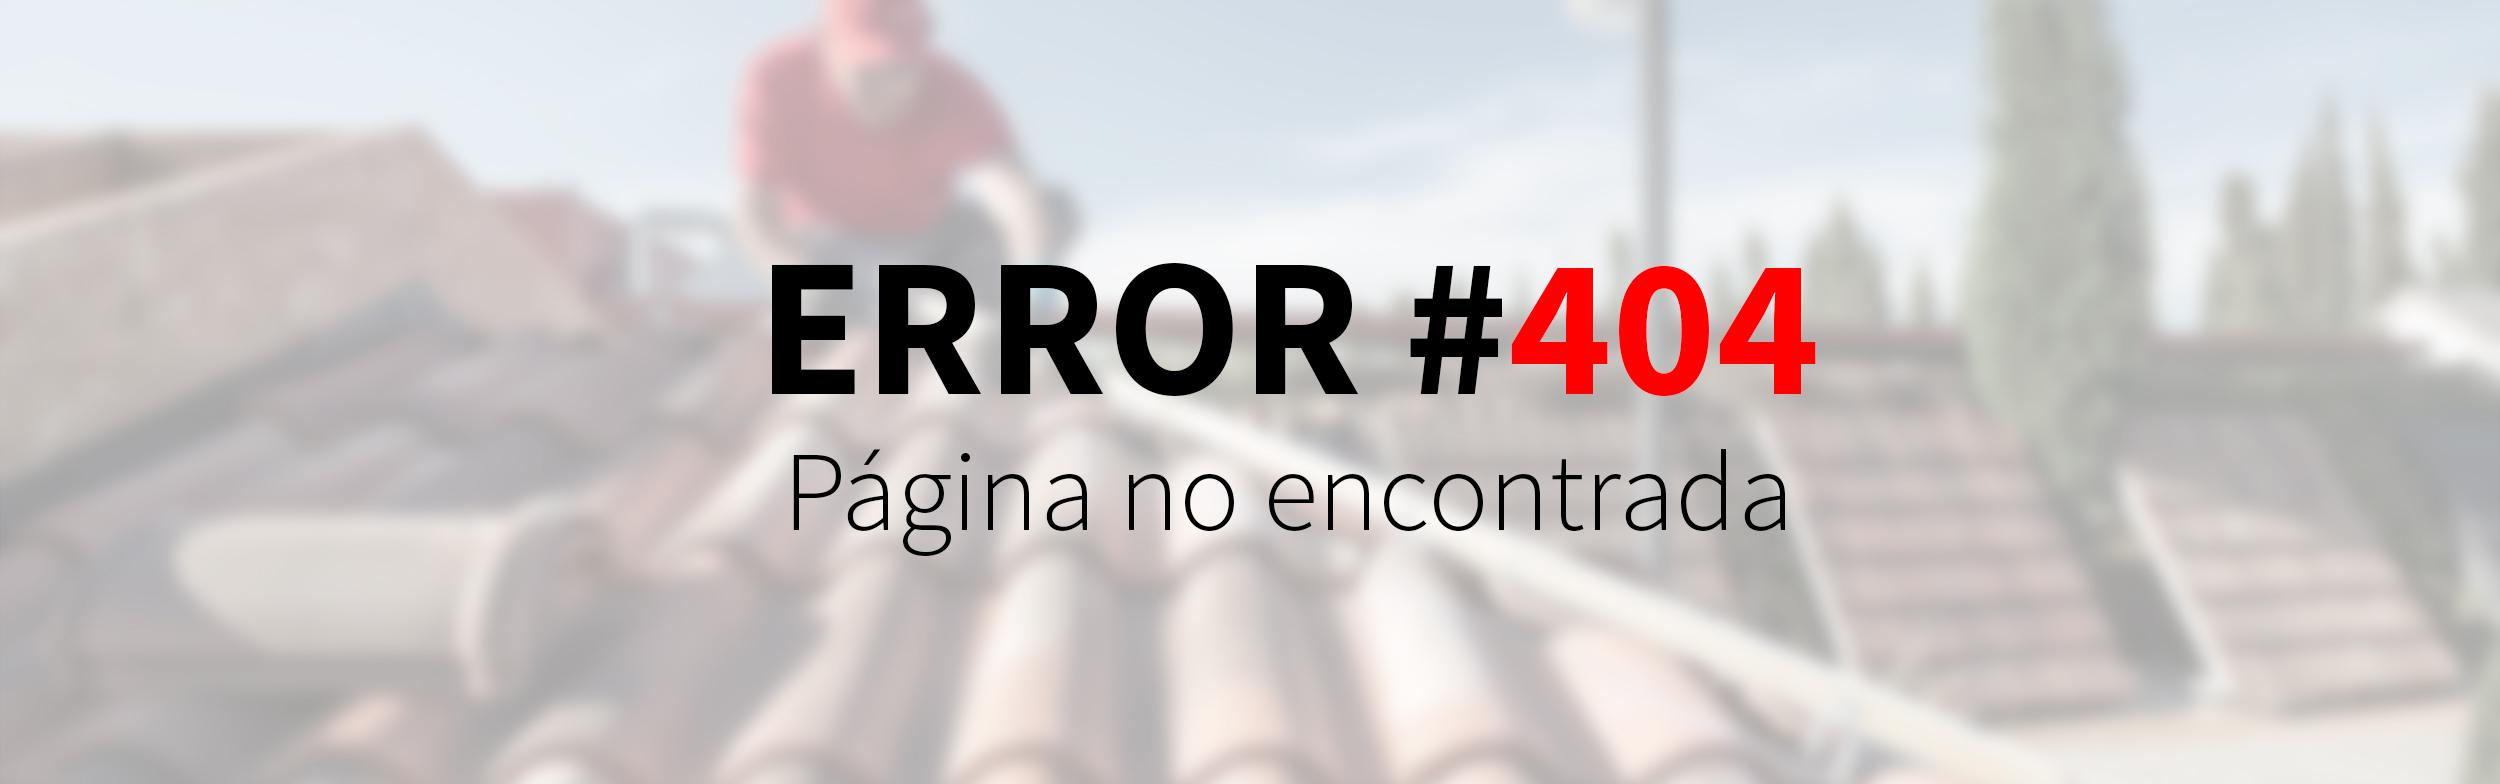 404 esp